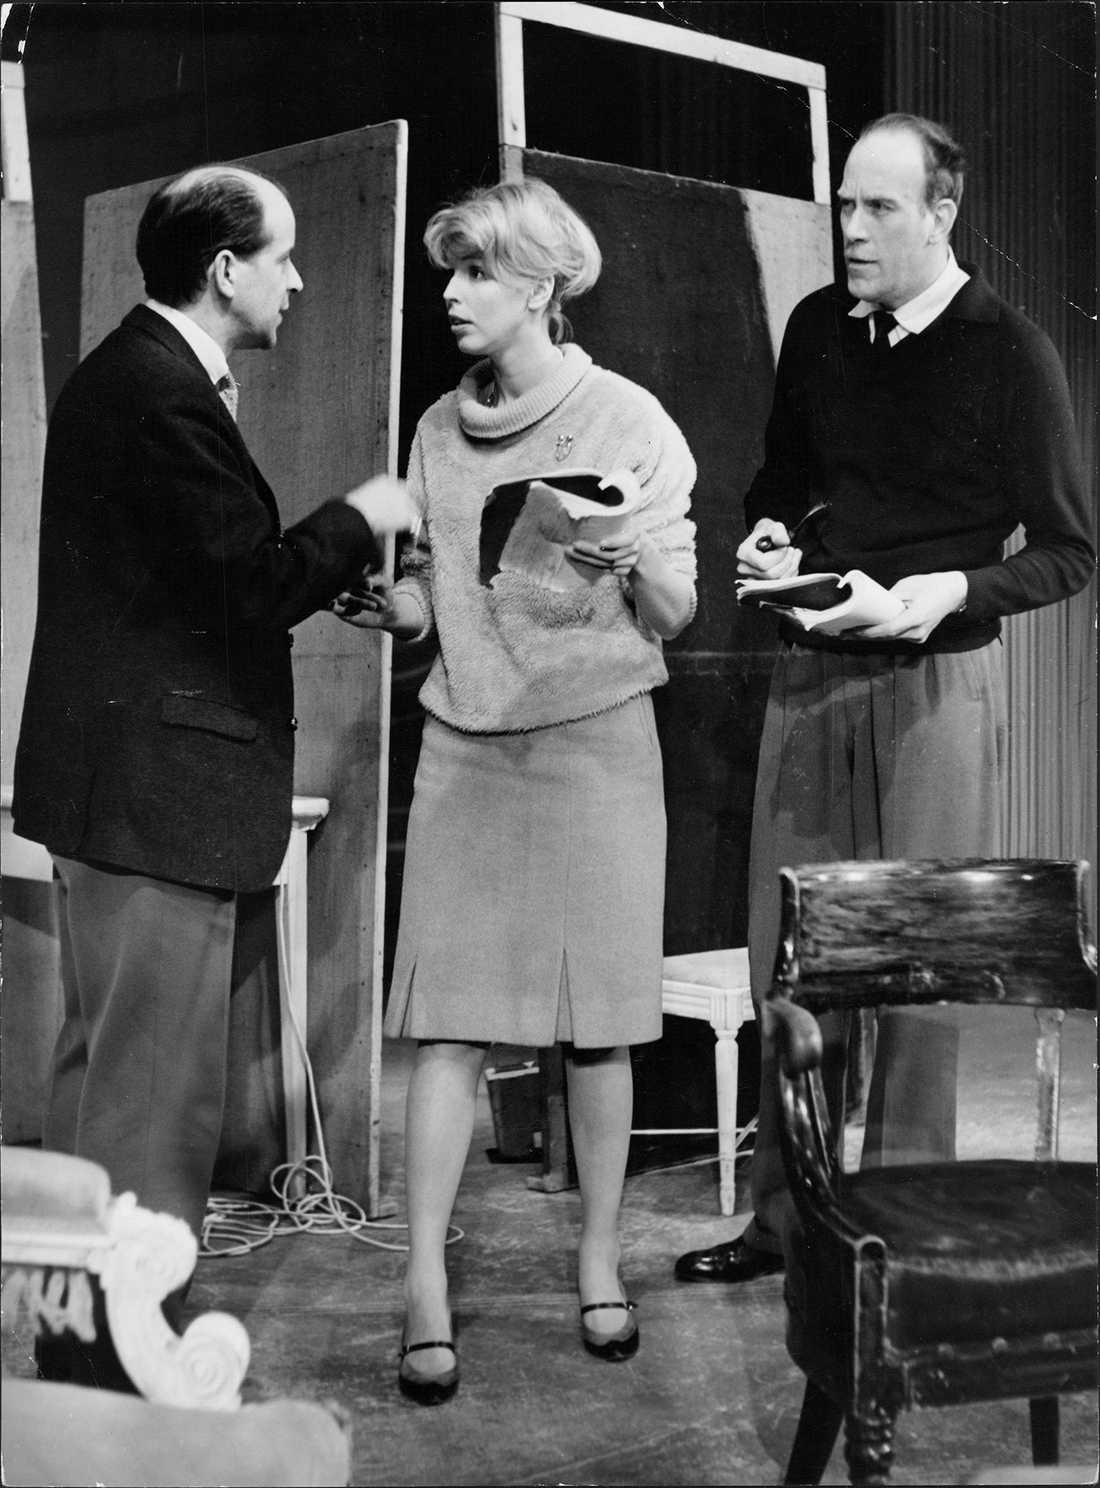 1960 Ingvar Kjellson, Meg Westergren och Torsten Lilliecrona. Osäkra uppgifter om pjäsens namn.